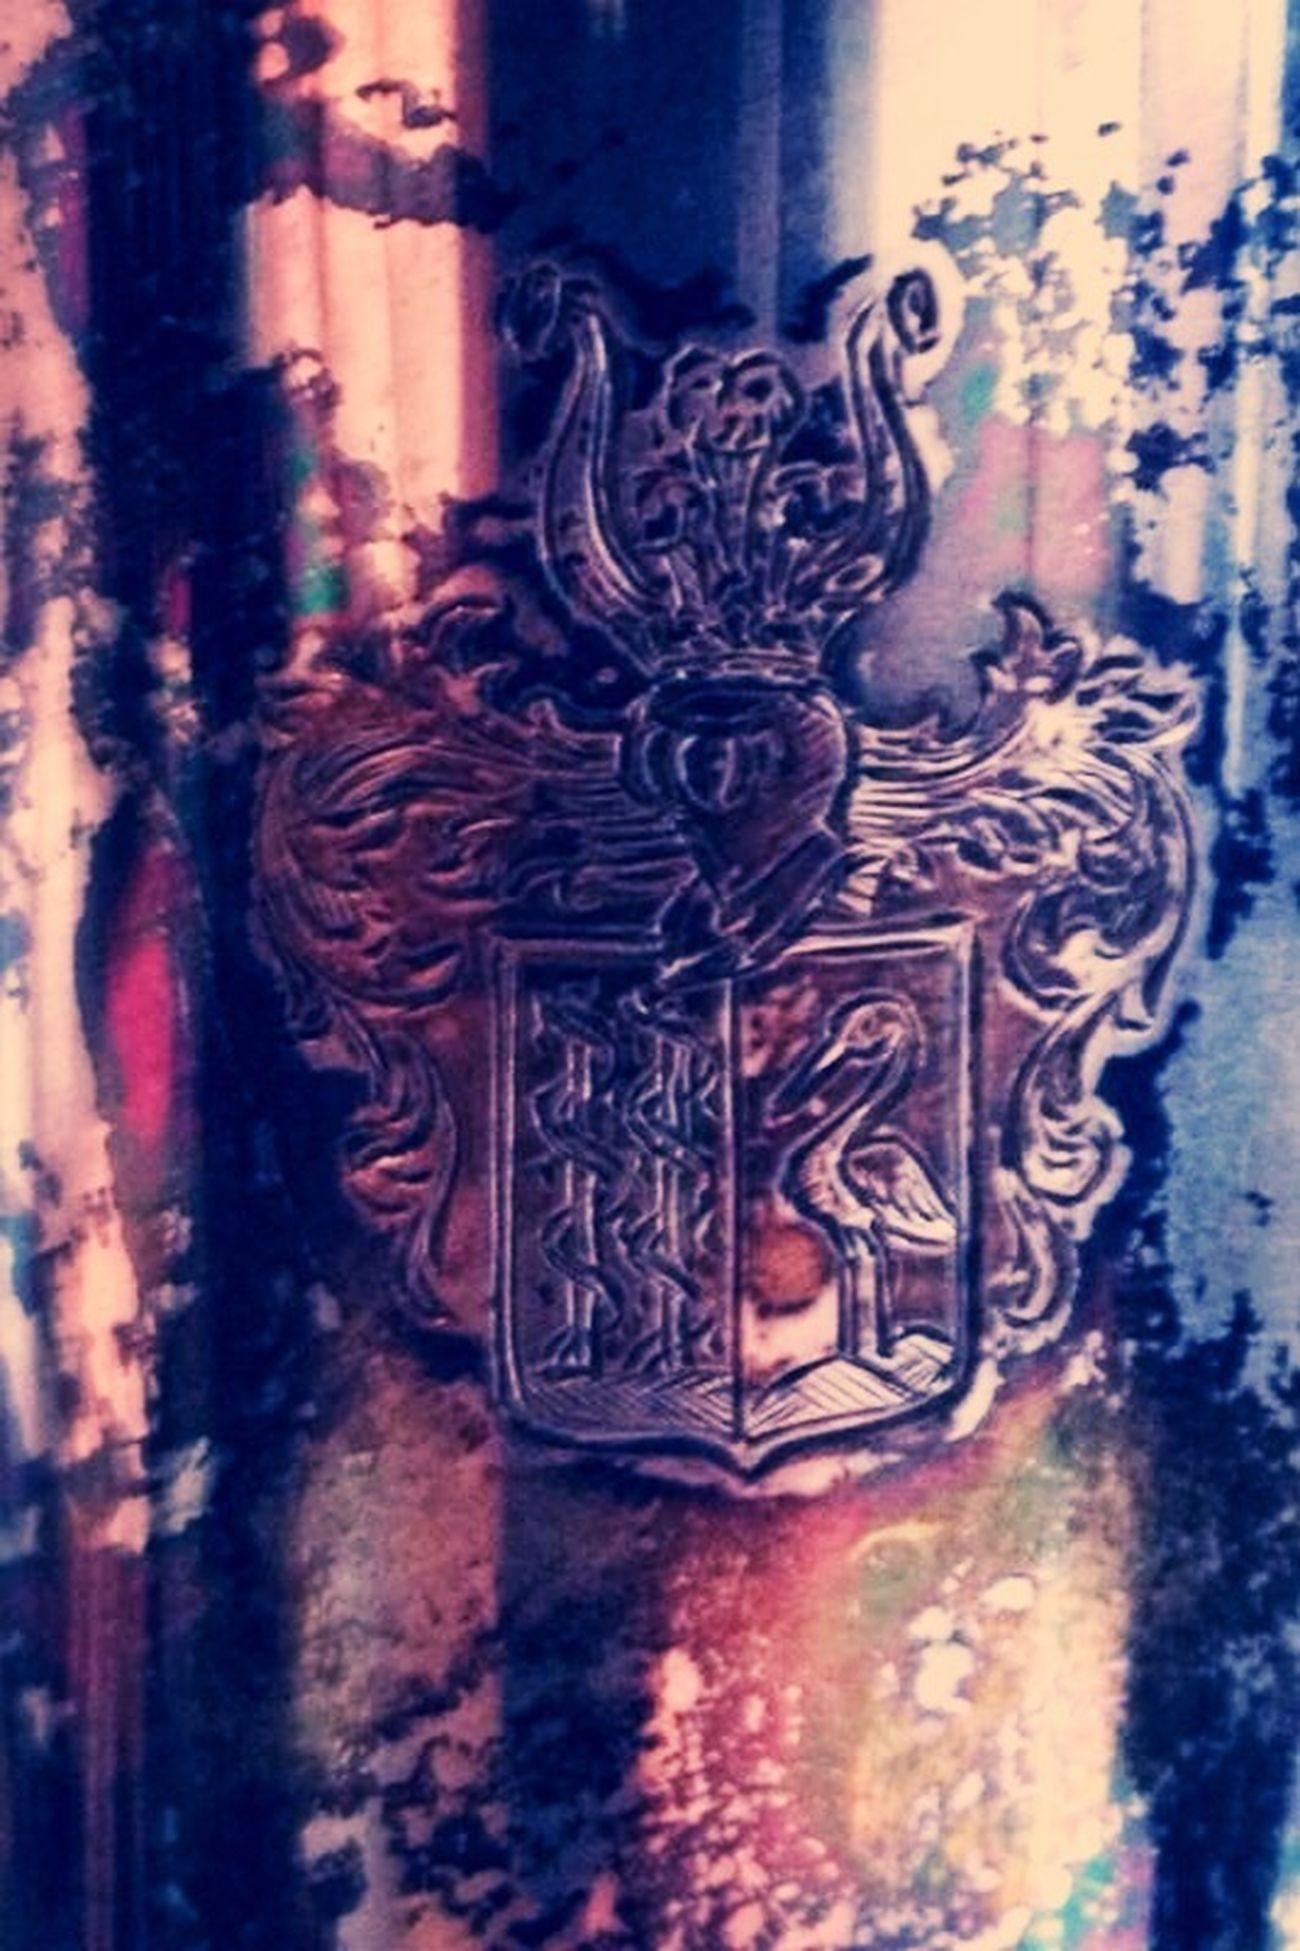 Dusty Emblem